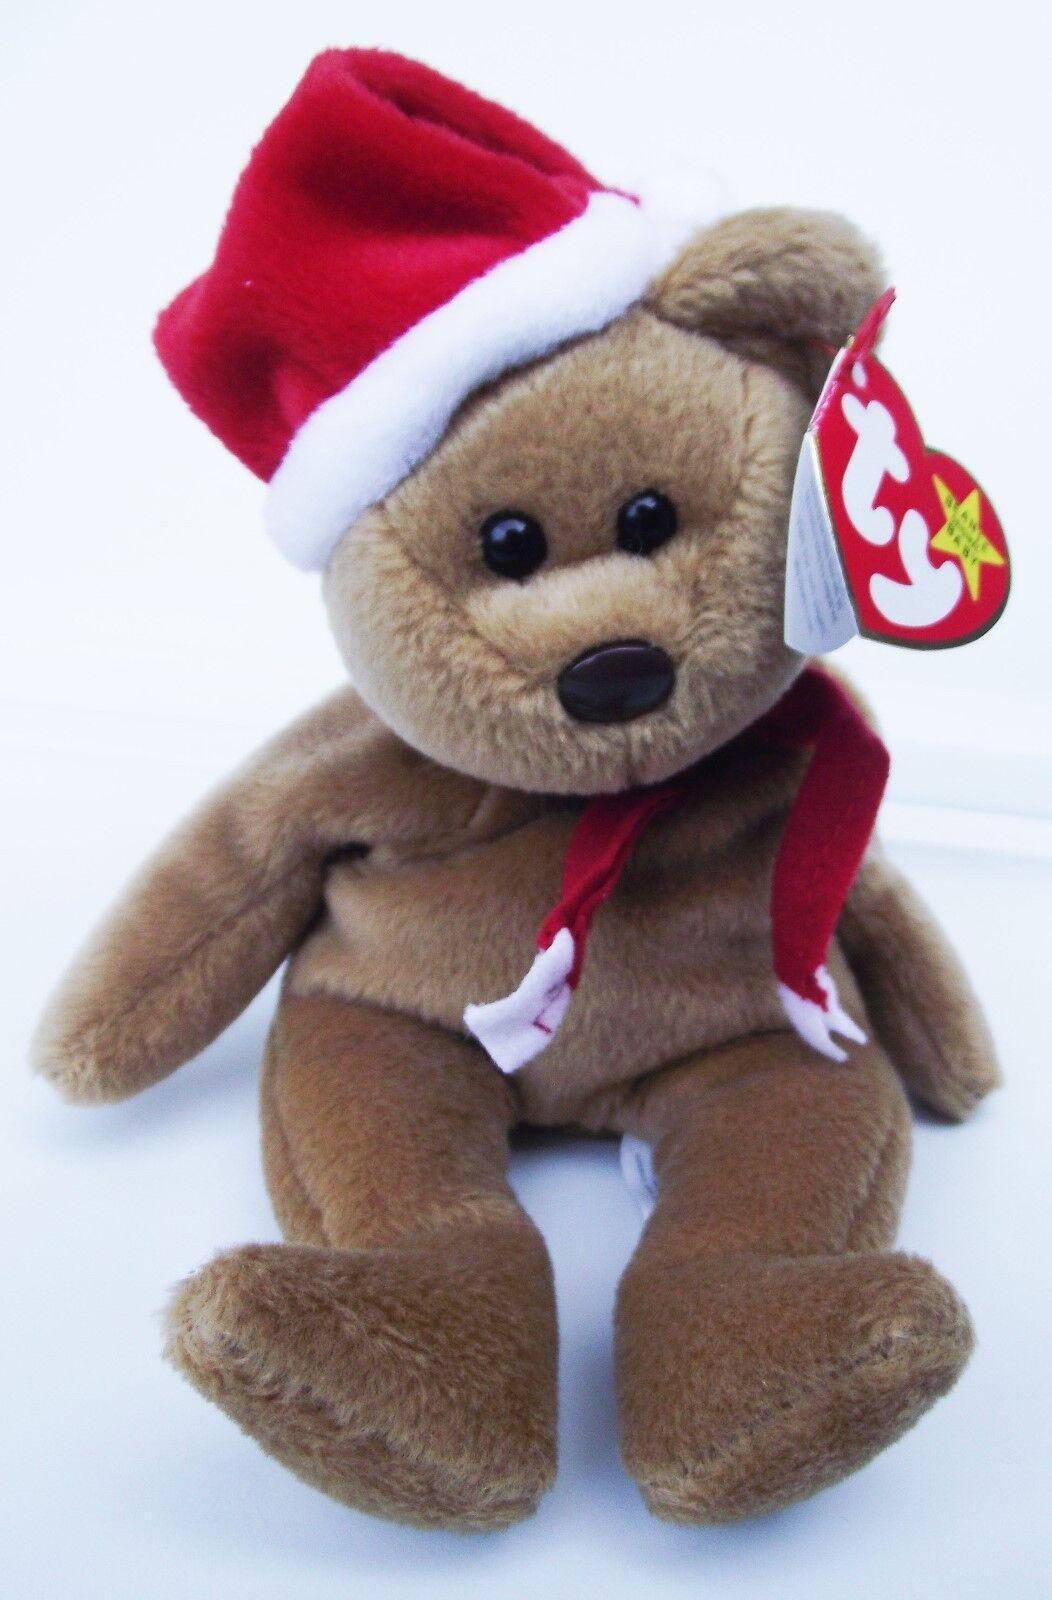 Ty beanie baby 1997 weihnachten teddybär pvc - 4. (5. generation hintern tag neue hängen